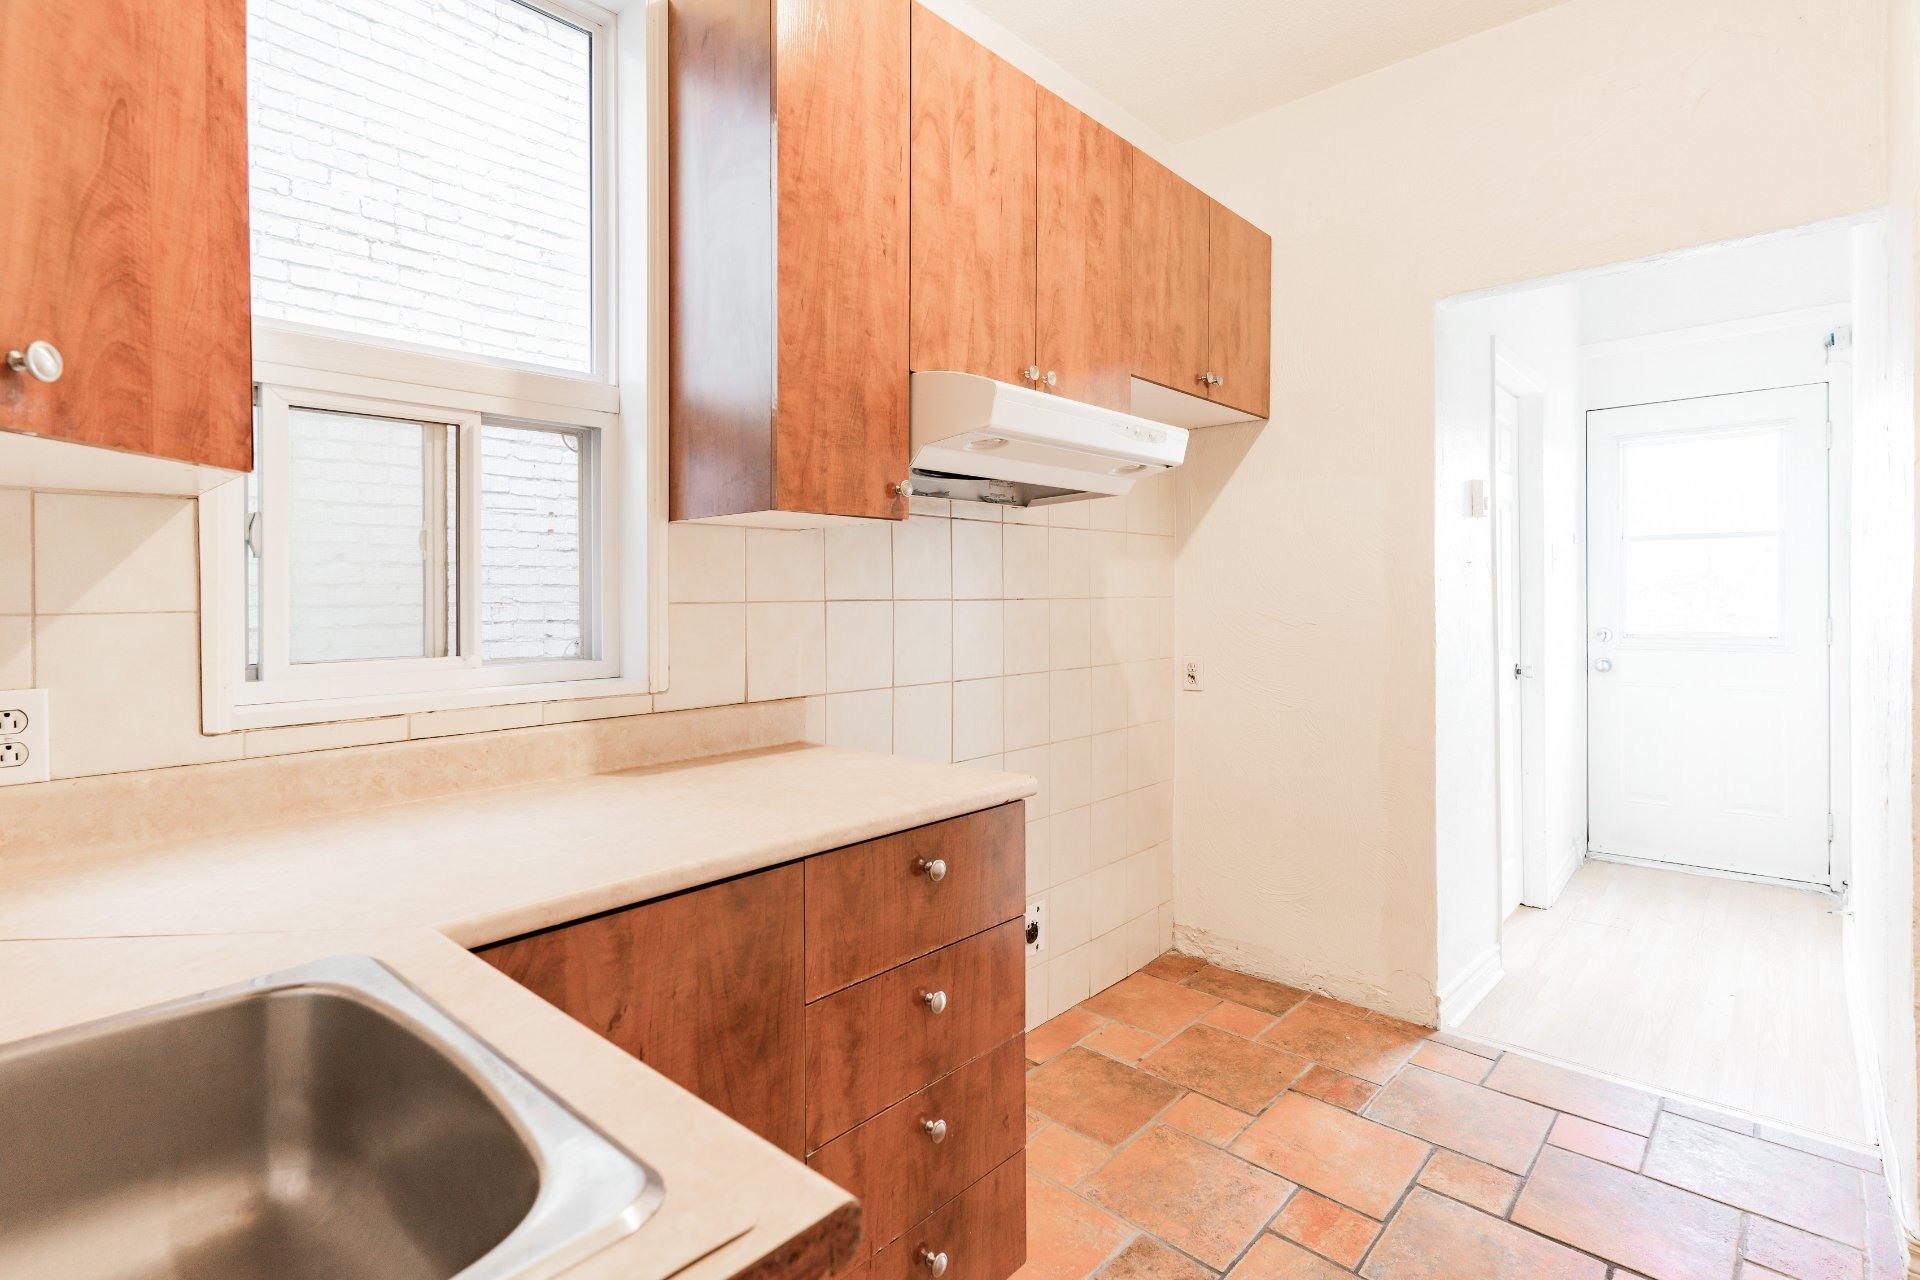 image 11 - Appartement À louer Rosemont/La Petite-Patrie Montréal  - 5 pièces